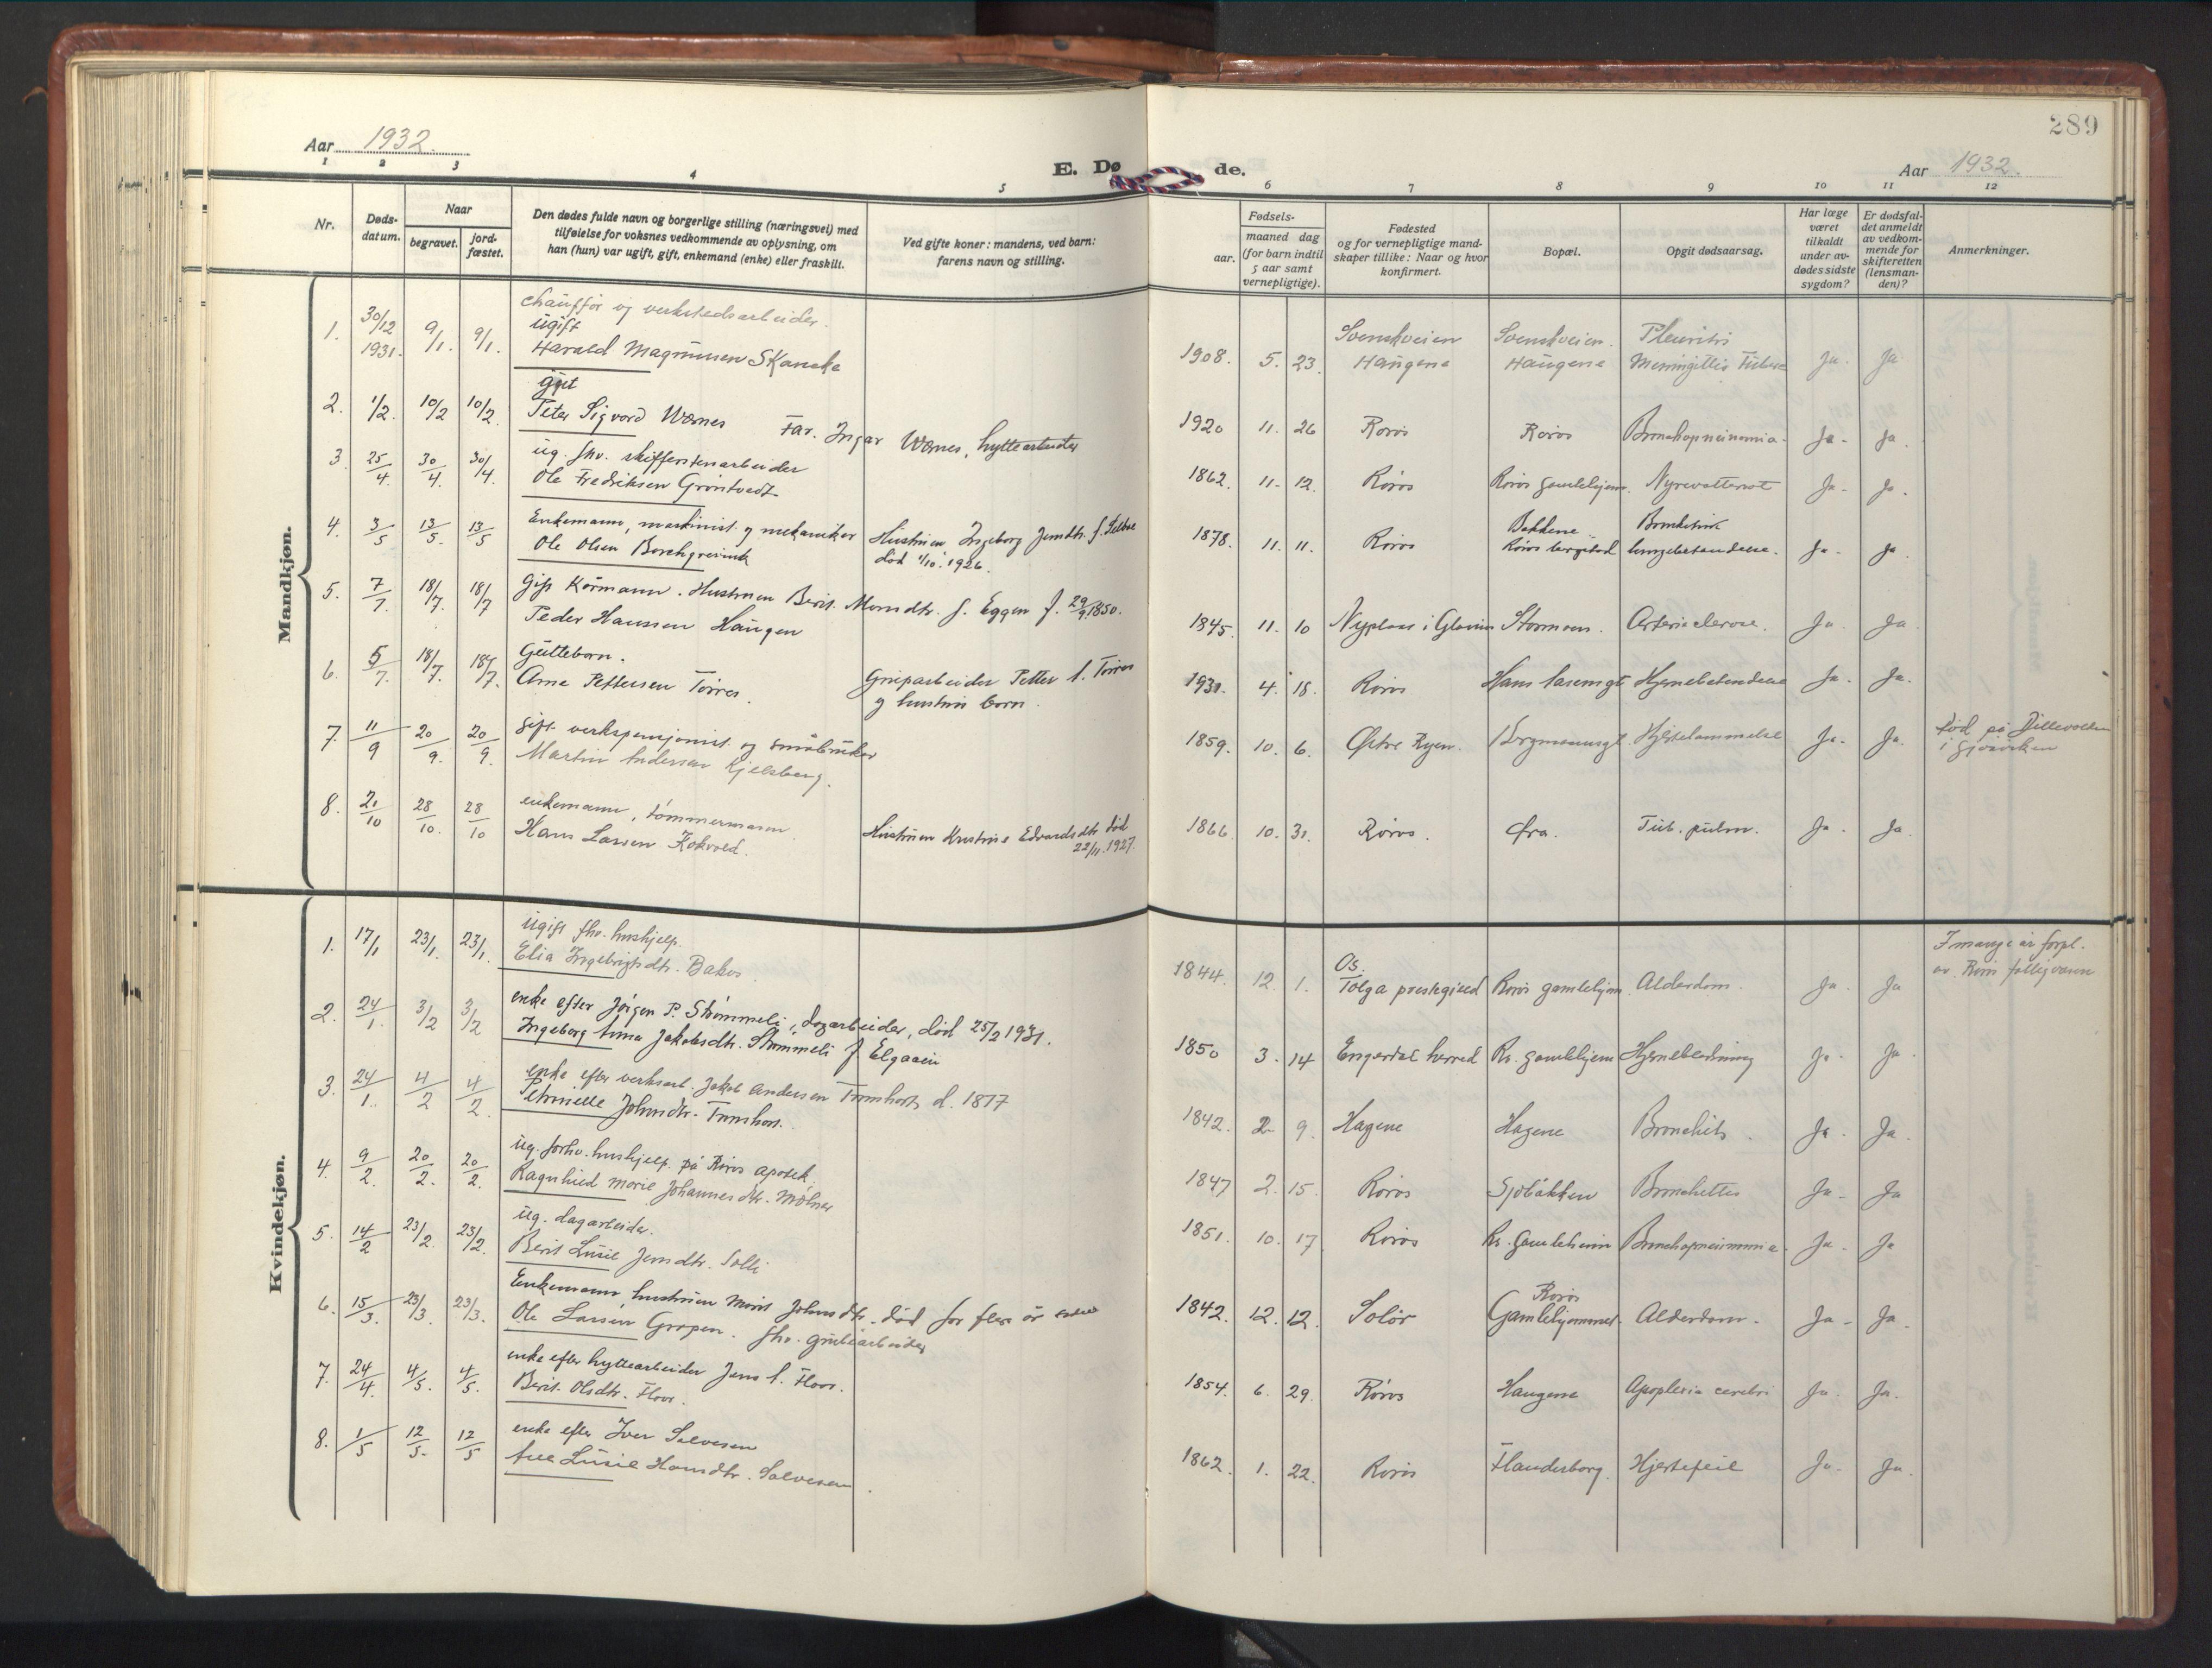 SAT, Ministerialprotokoller, klokkerbøker og fødselsregistre - Sør-Trøndelag, 681/L0943: Klokkerbok nr. 681C07, 1926-1954, s. 289